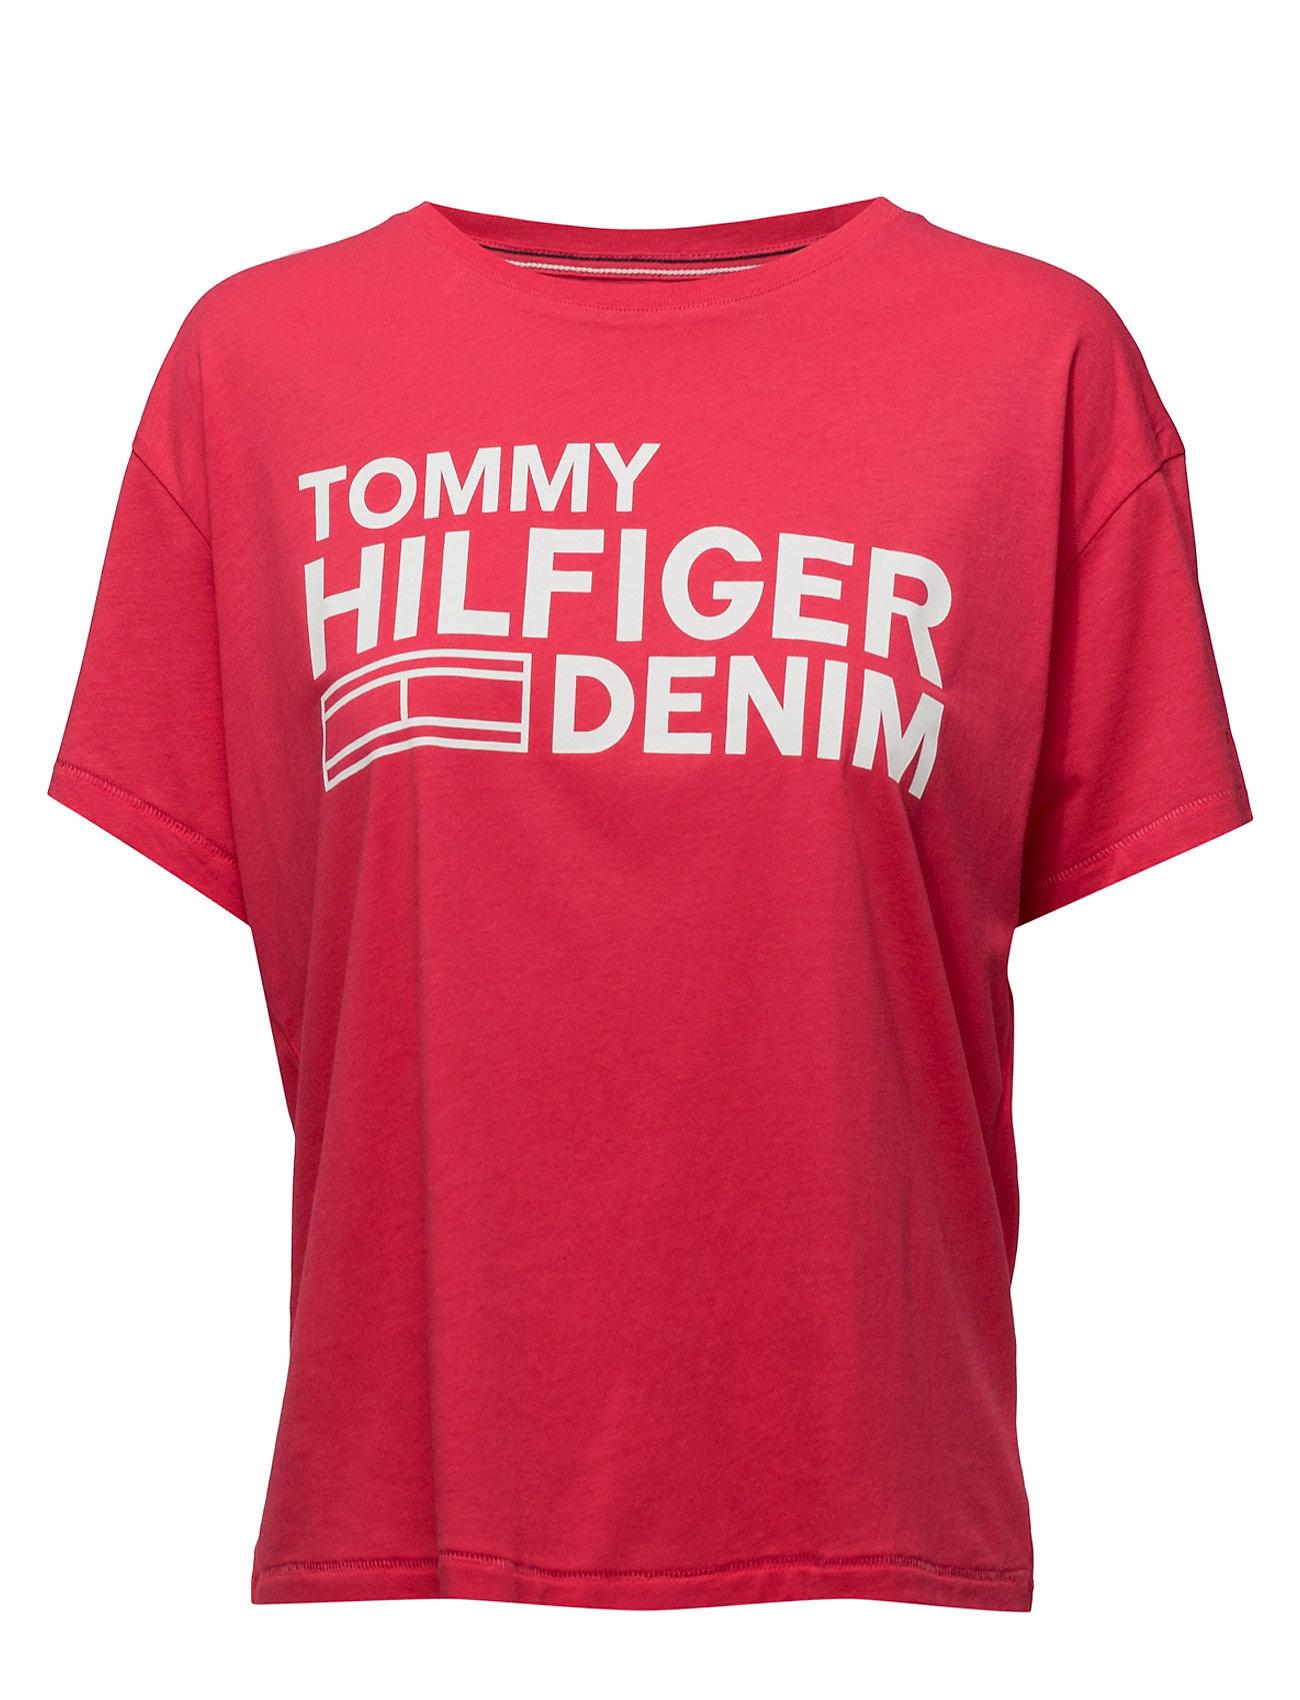 Thdw Basic Cn T-Shirt S/S 25 Hilfiger Denim Kortærmede til Damer i Rød